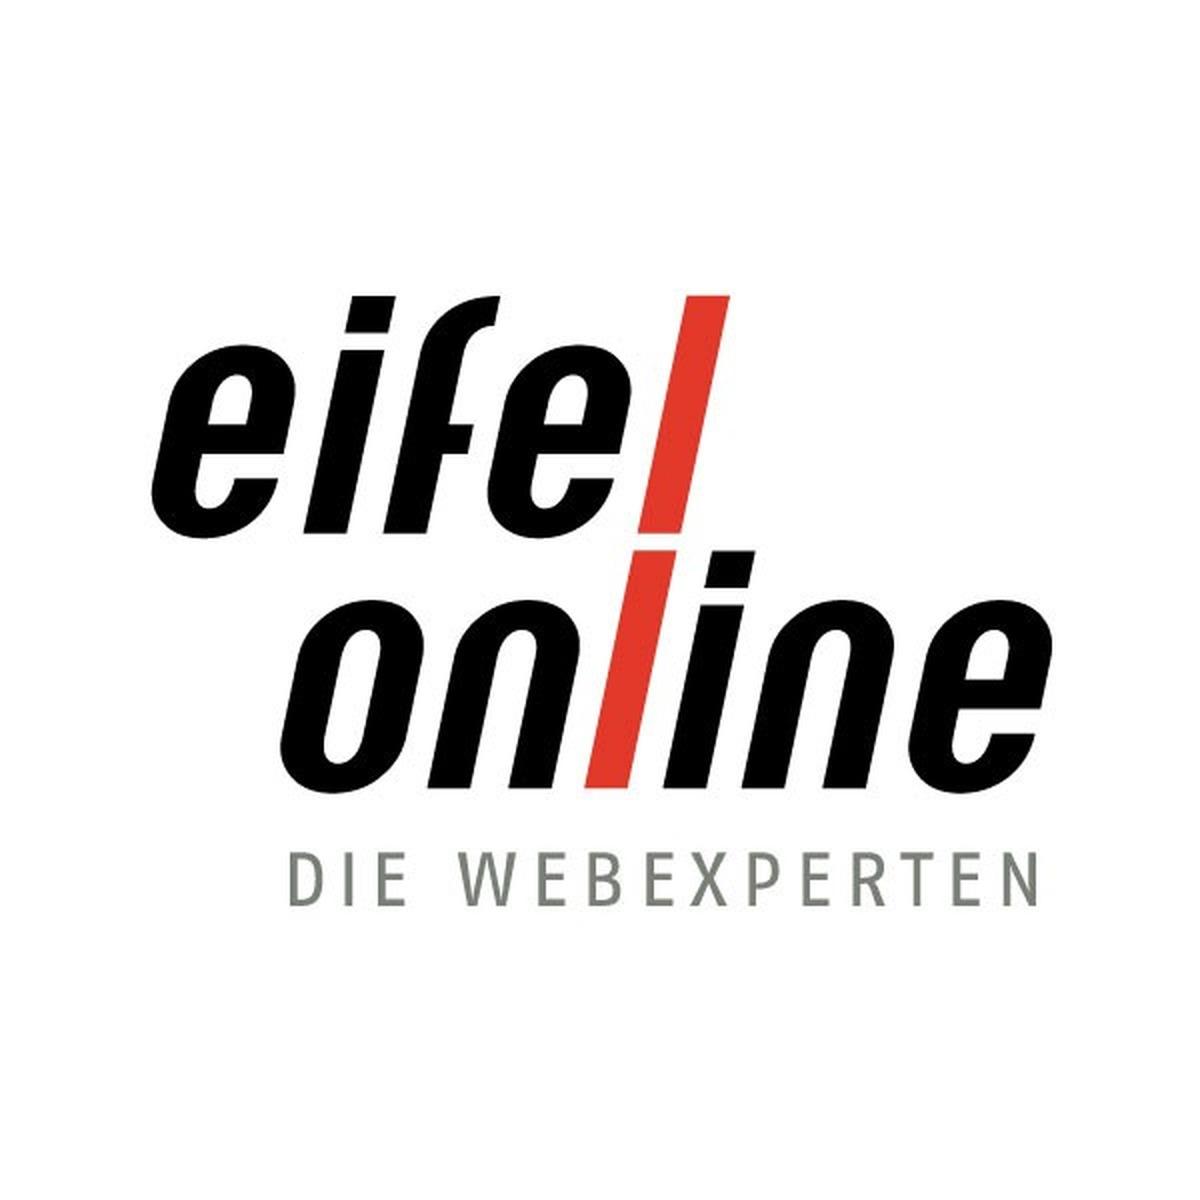 Webentwickler (m/w) - in Voll- oder Teilzeit